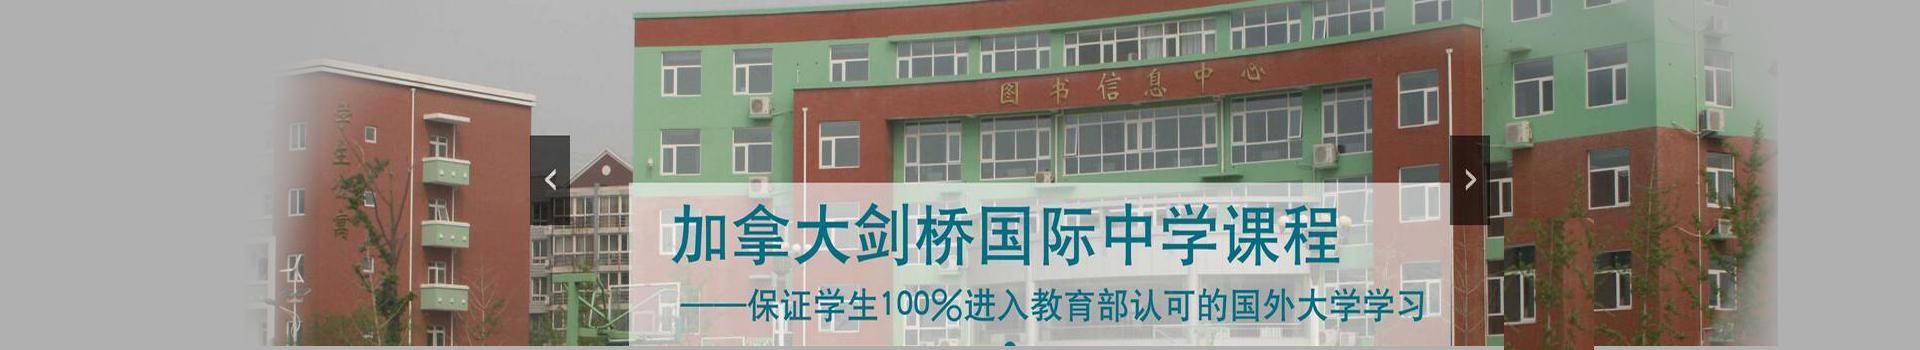 北京市山谷学校